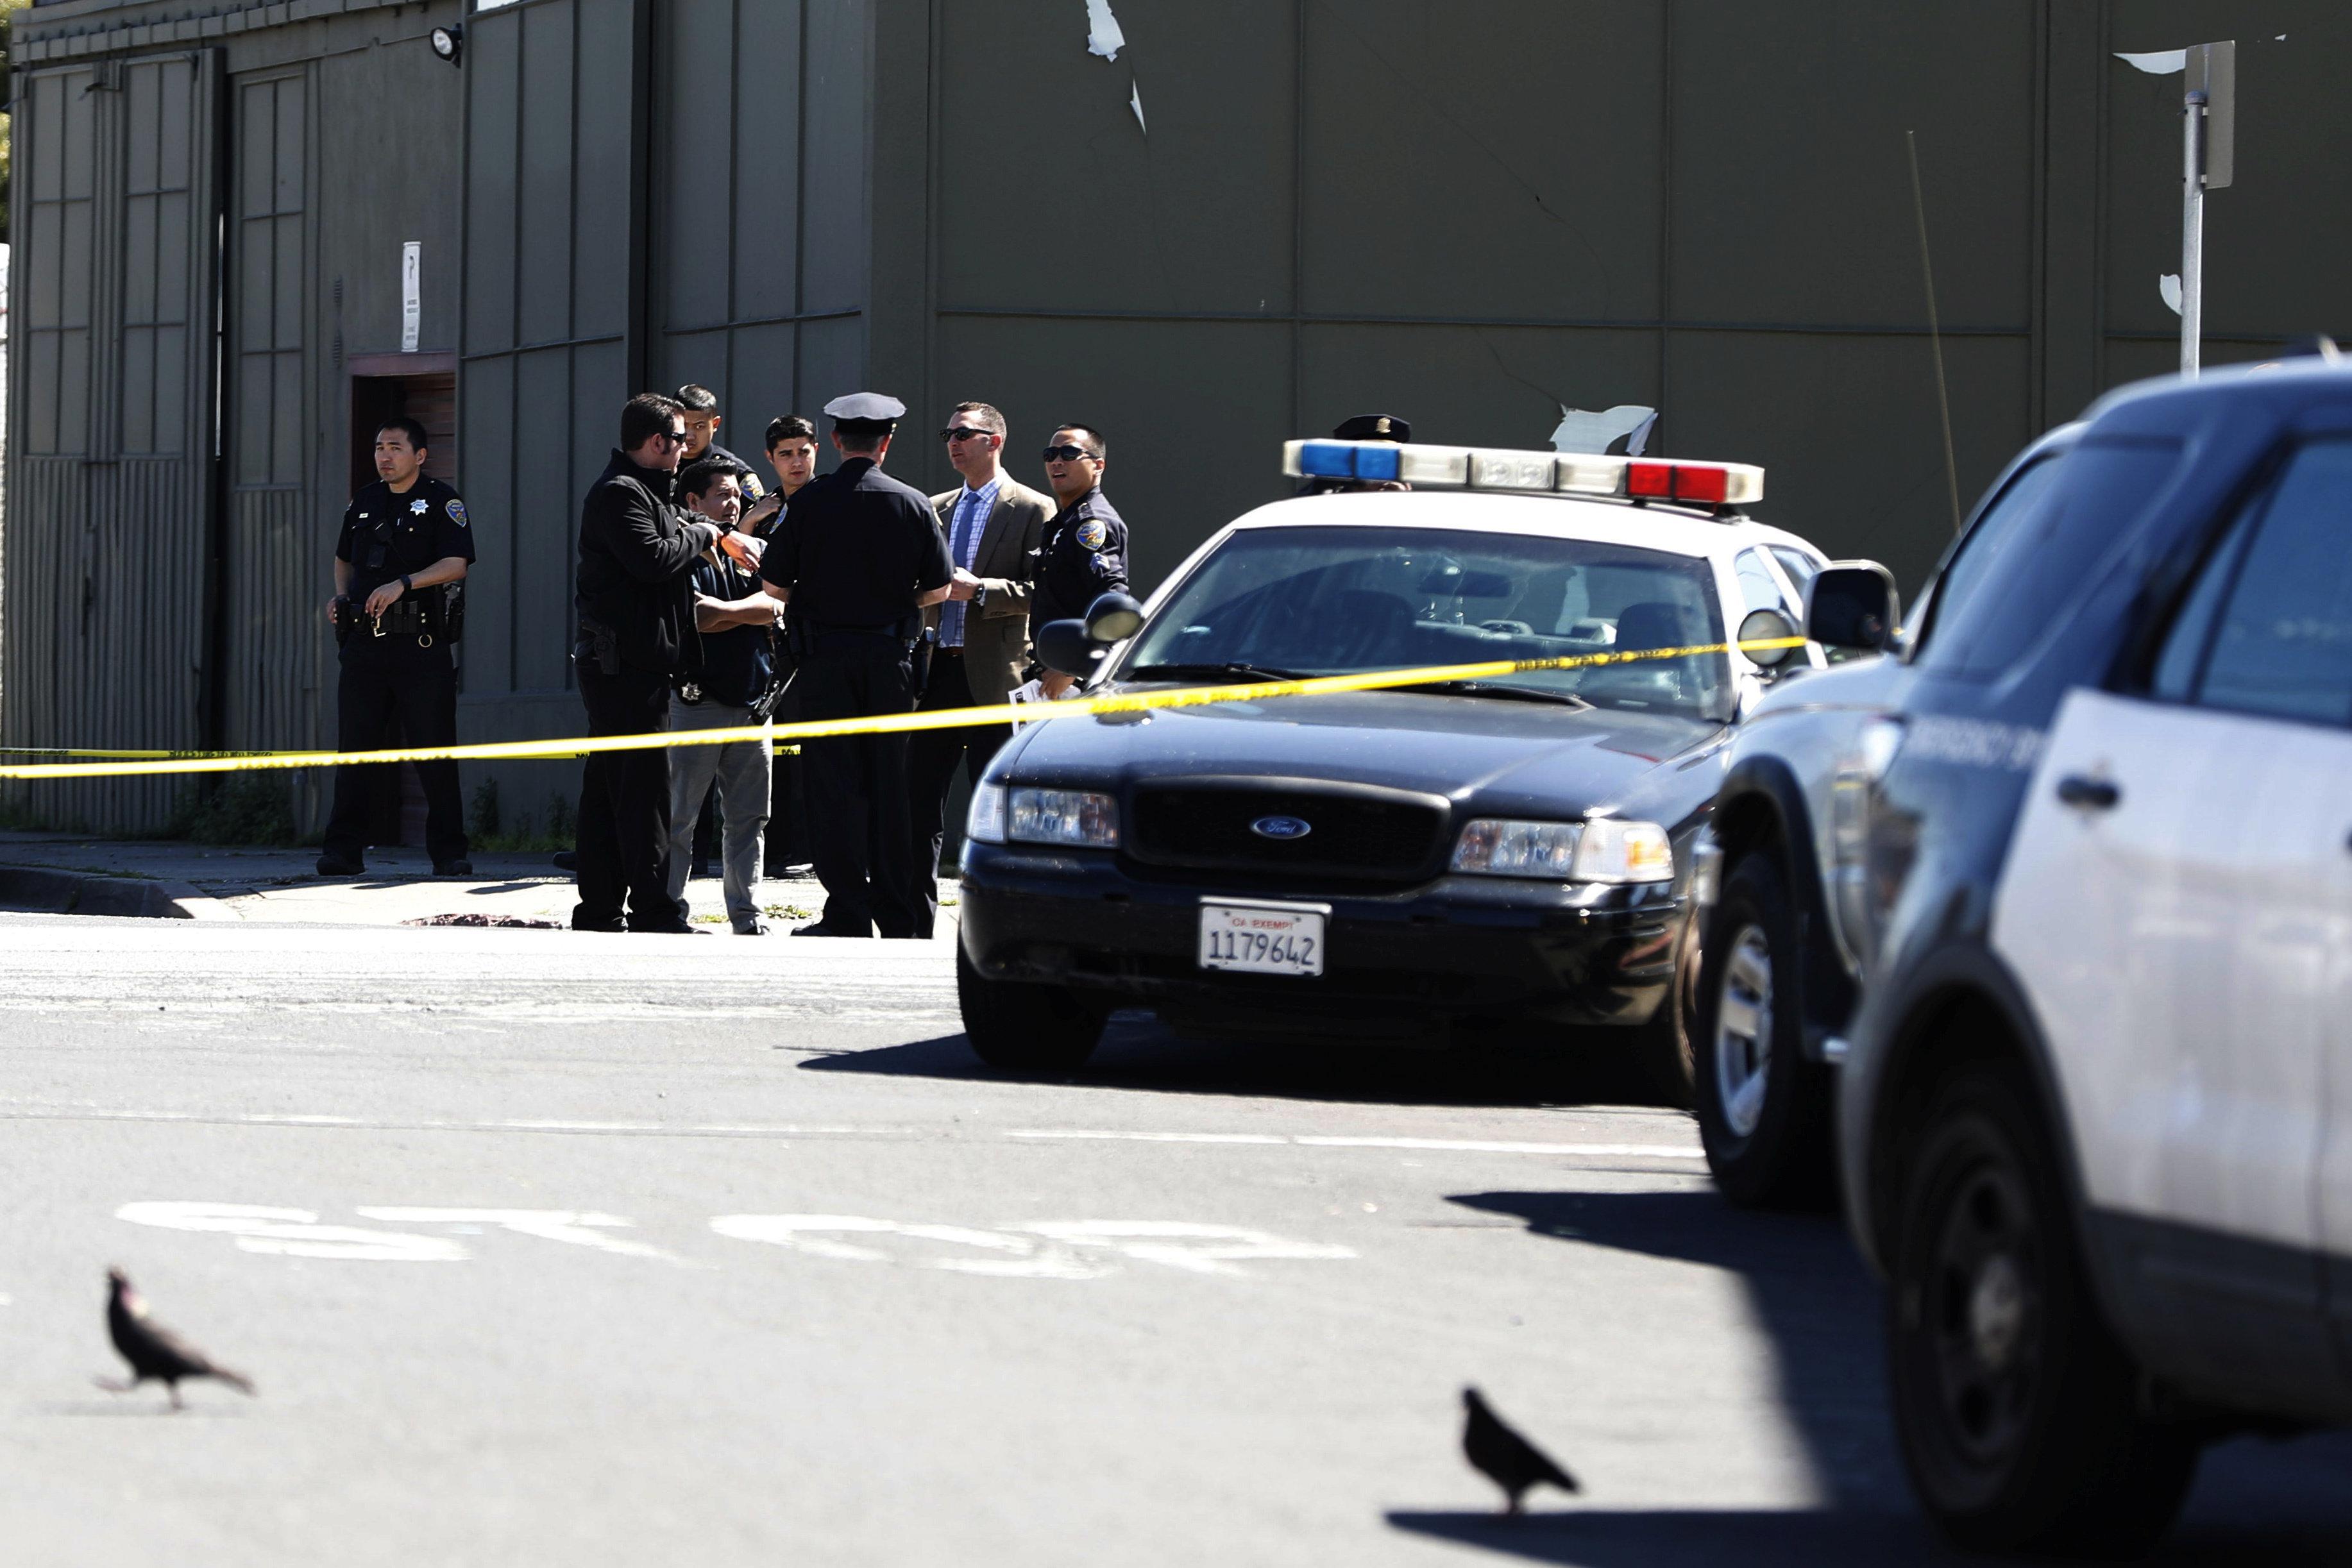 Πυροβολισμοί σε λύκειο στην Καλιφόρνια: Μία σύλληψη και τουλάχιστον ένας